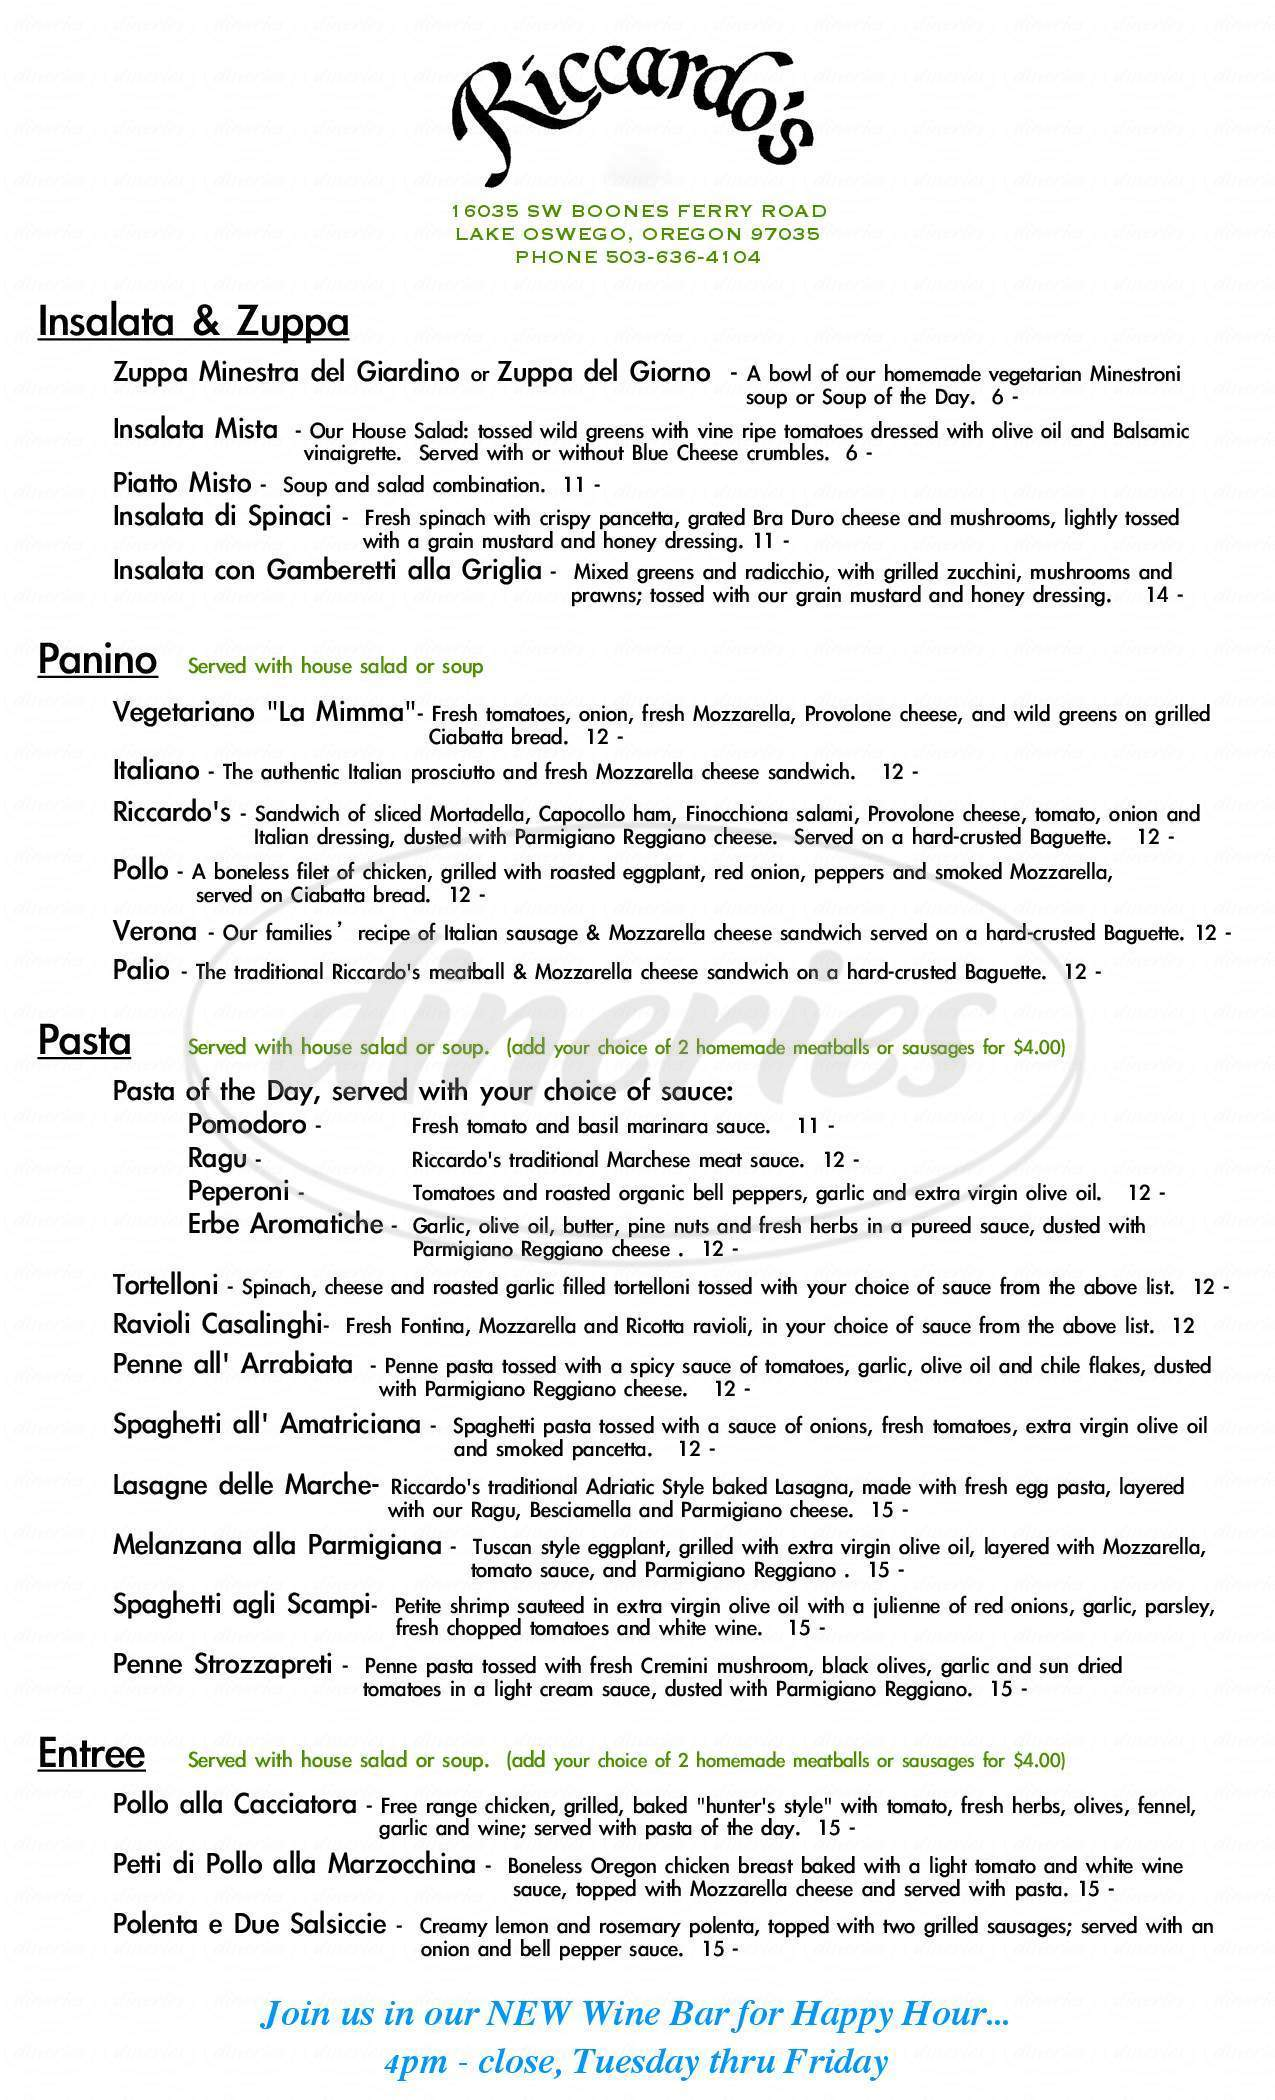 menu for Riccardo's Ristorante